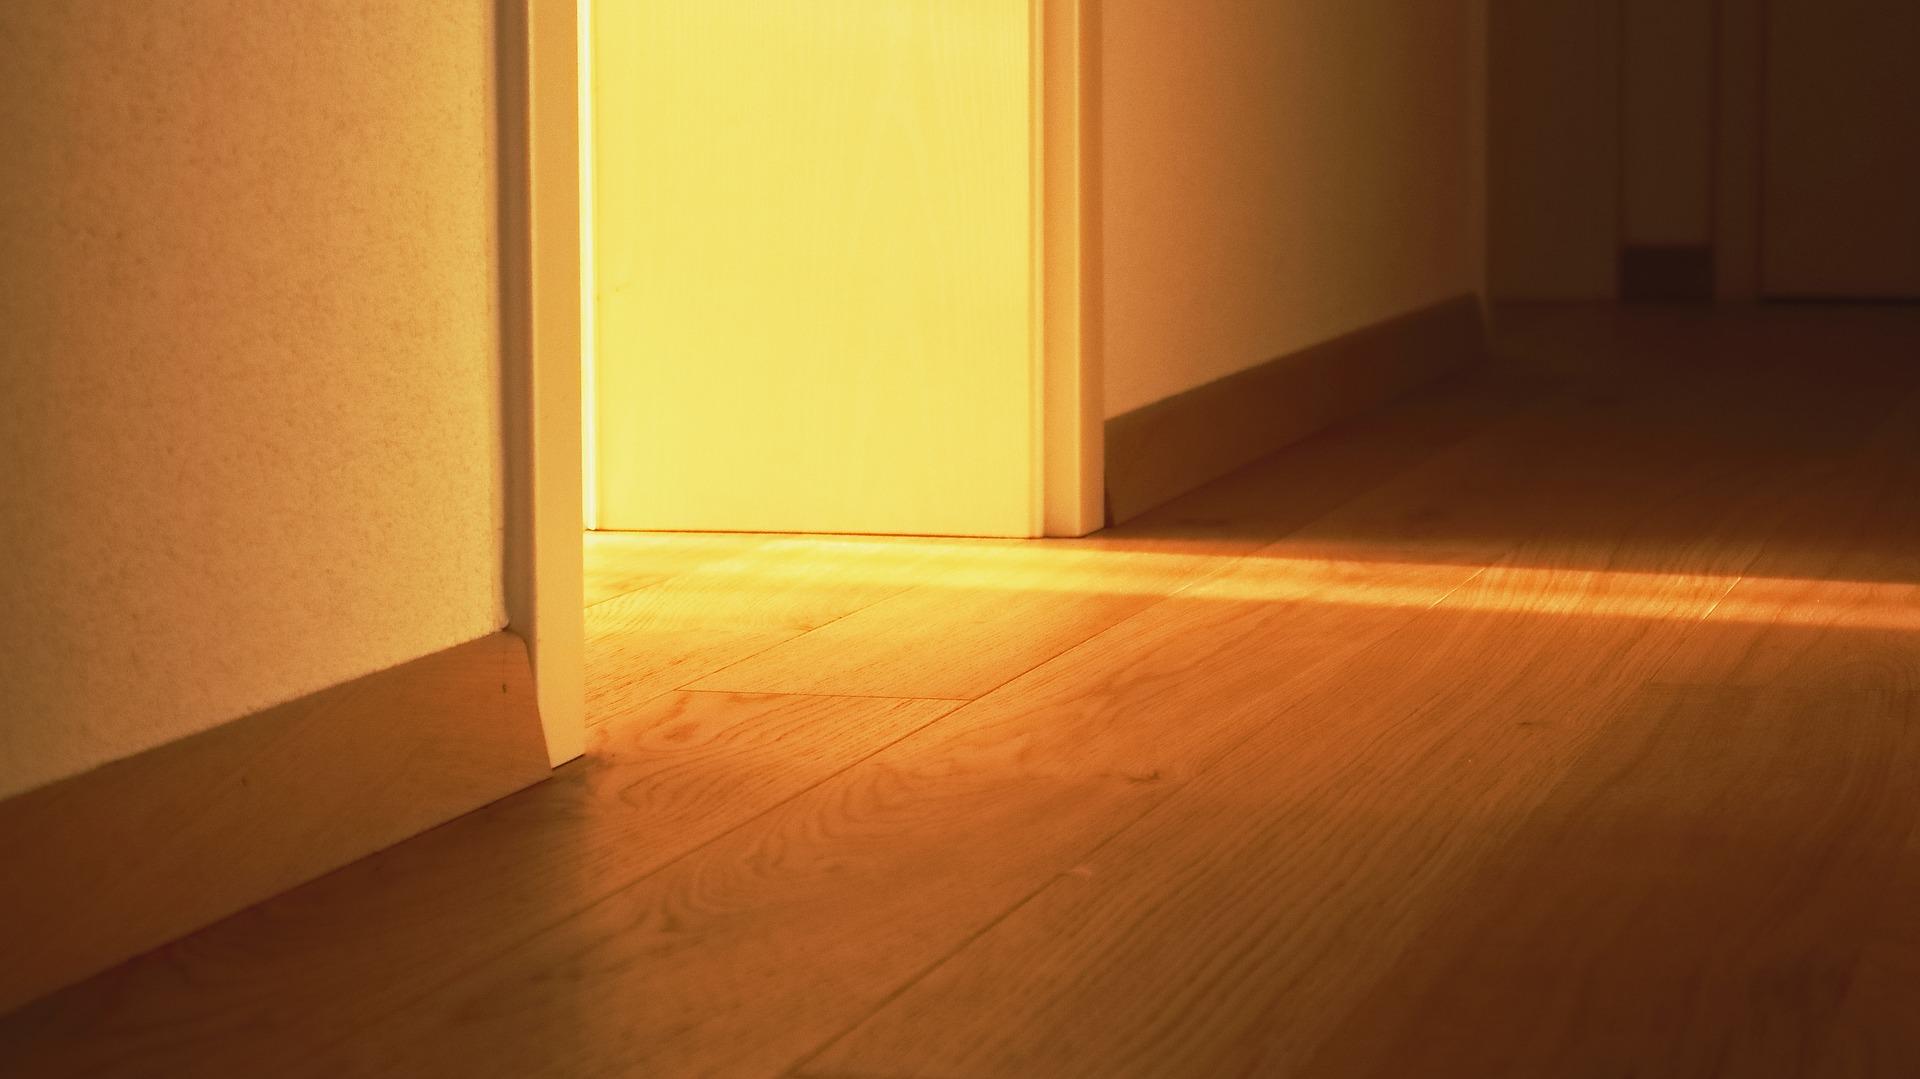 sp lkasten entkalken so funktioniert die toilette wieder tadellos wohnen. Black Bedroom Furniture Sets. Home Design Ideas